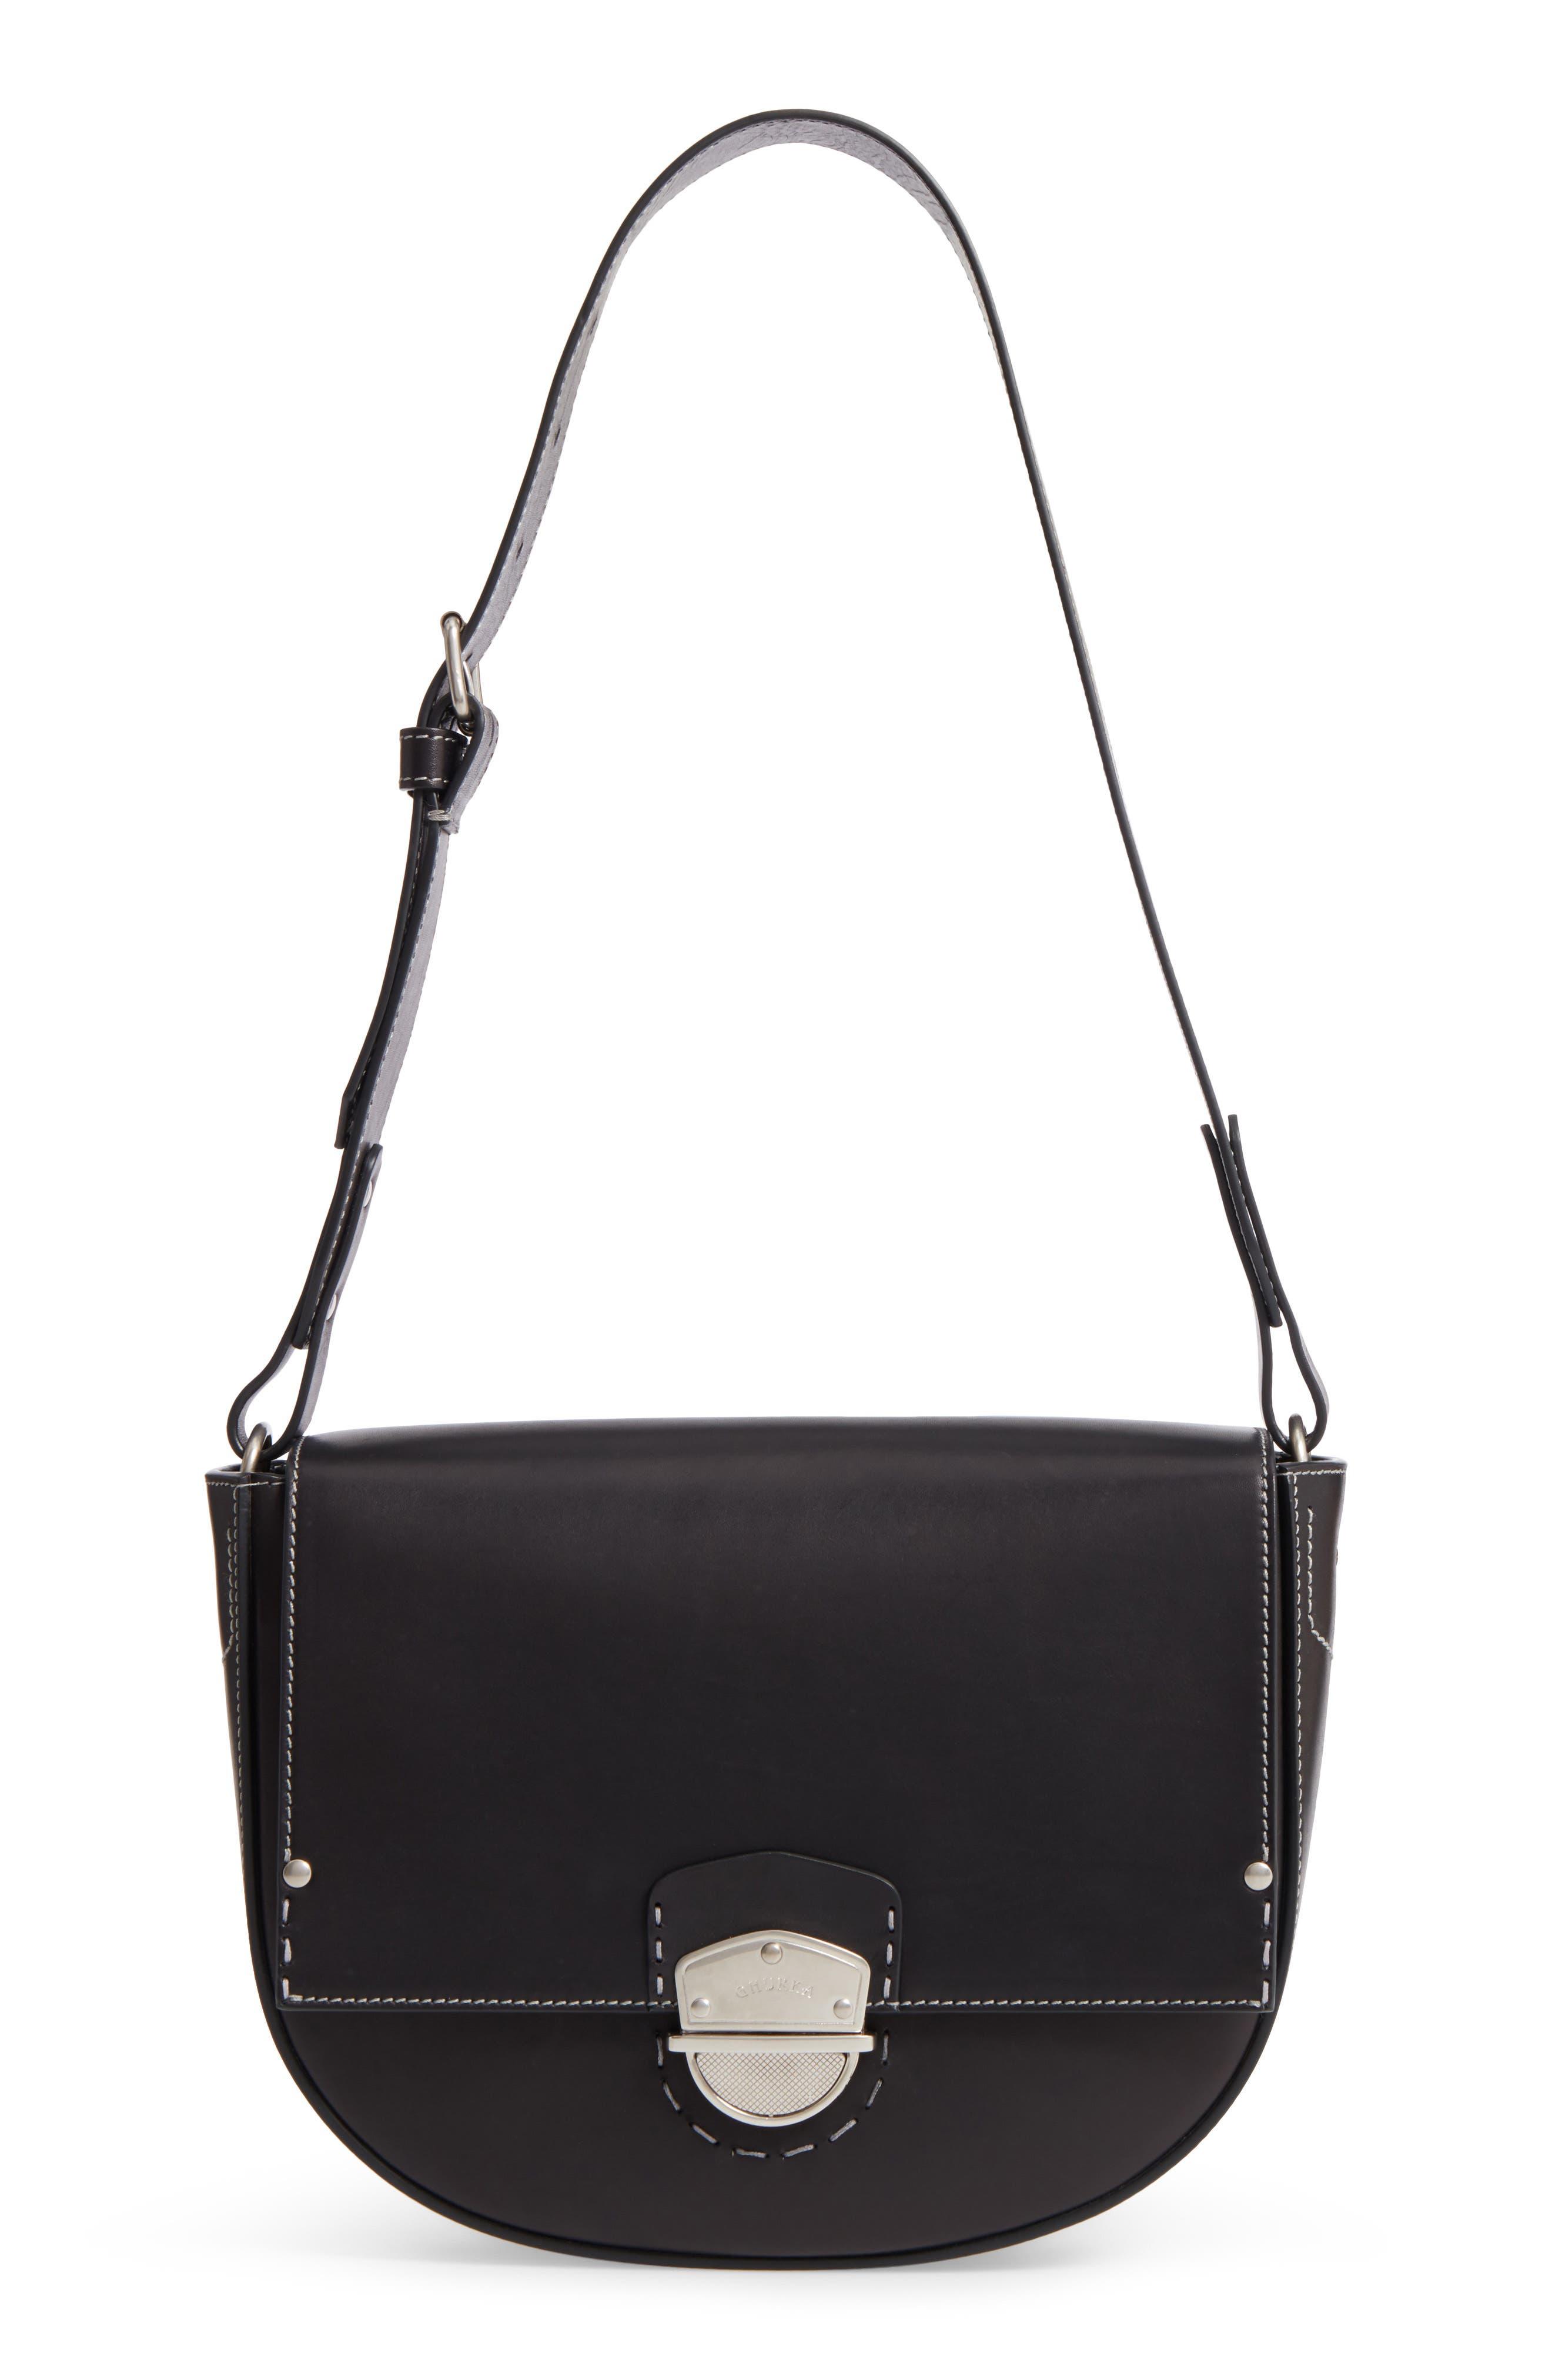 Alternate Image 1 Selected - Ghurka Marlow II Leather Shoulder Bag